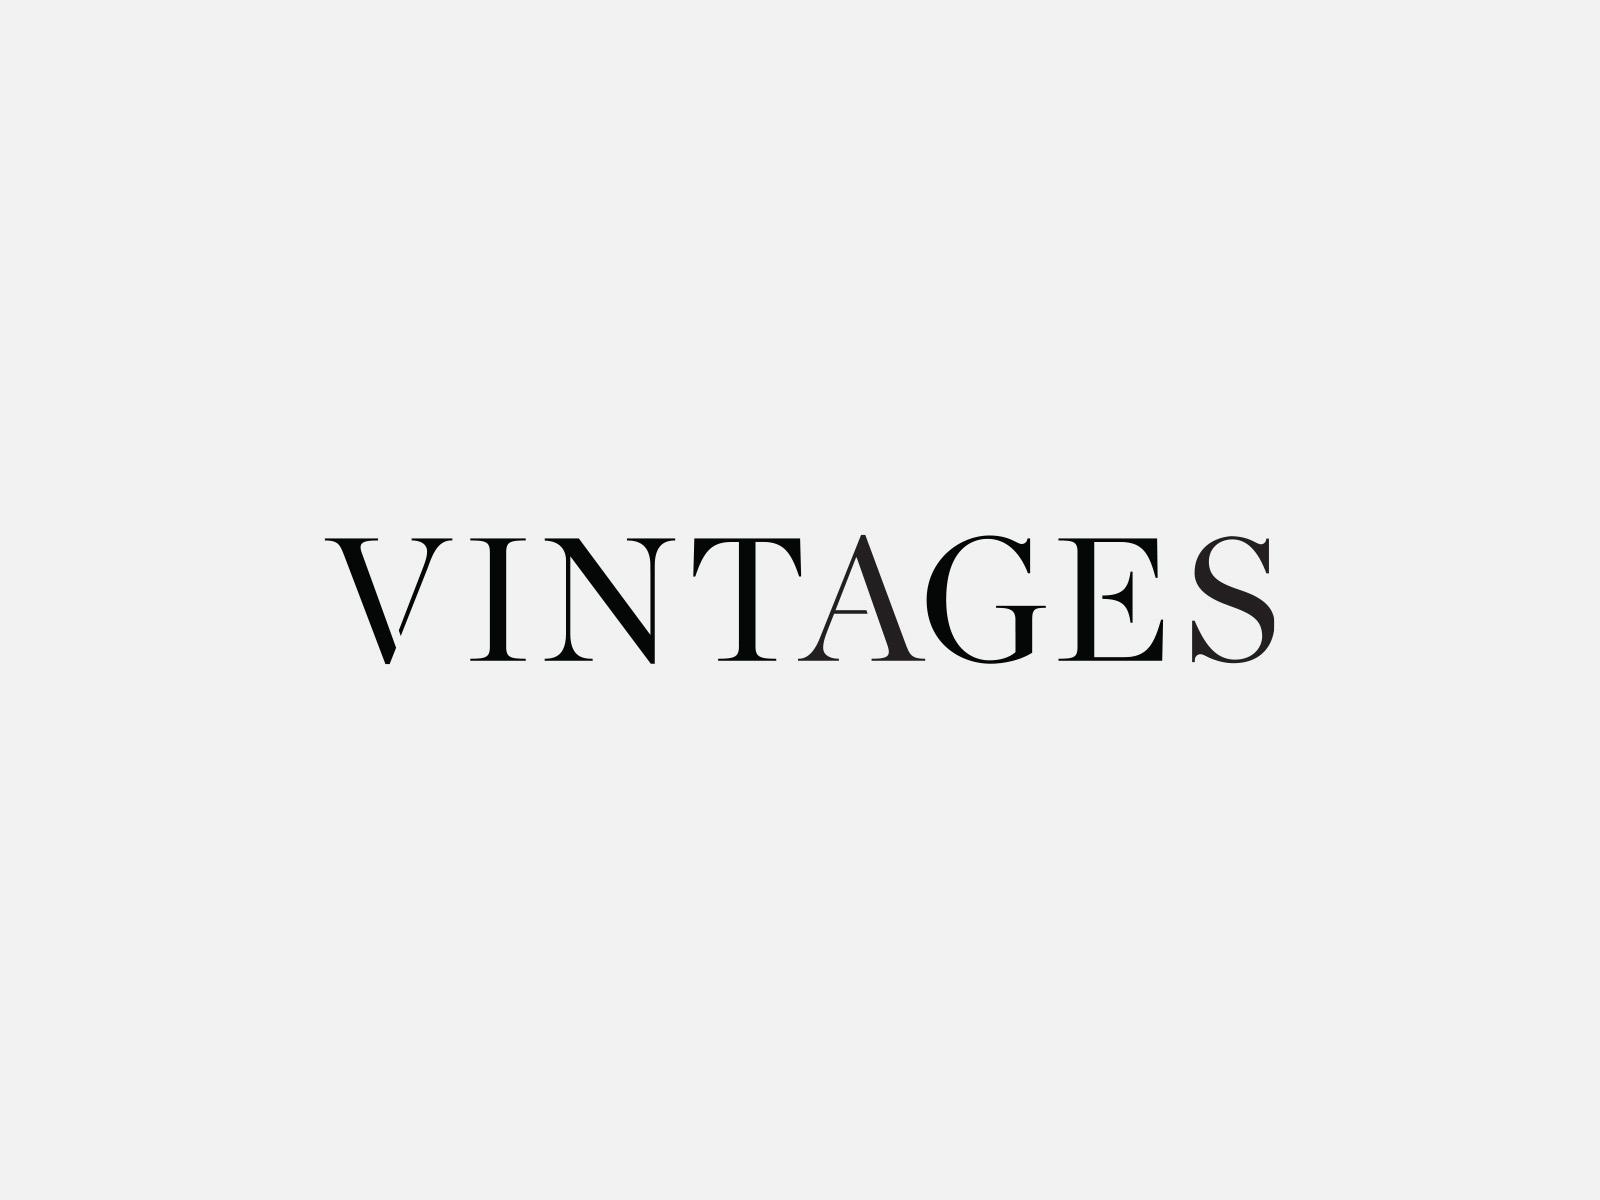 Vintages by Leo Burnett Design